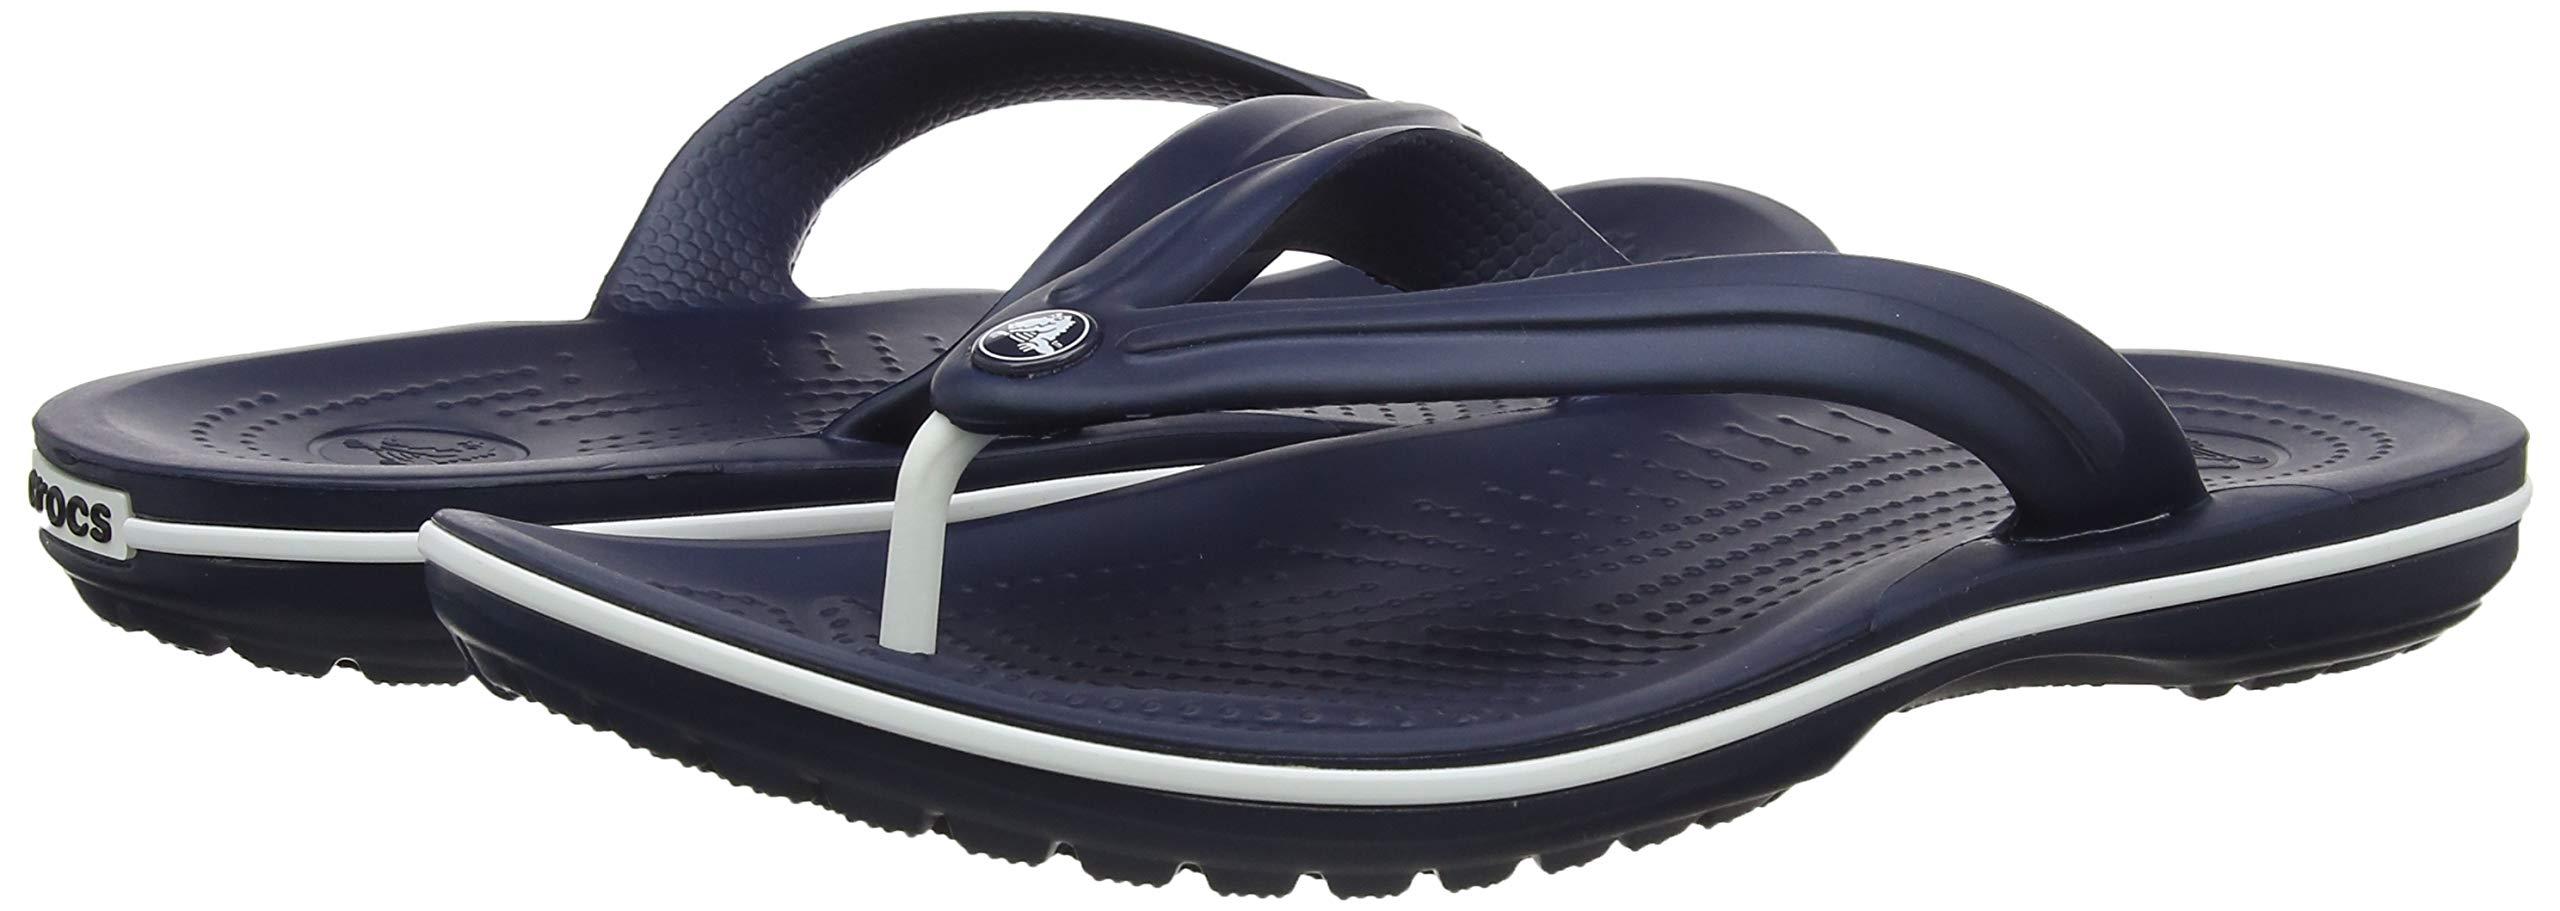 120f9d34e1957 crocs Unisex Crocband Flip-Flop